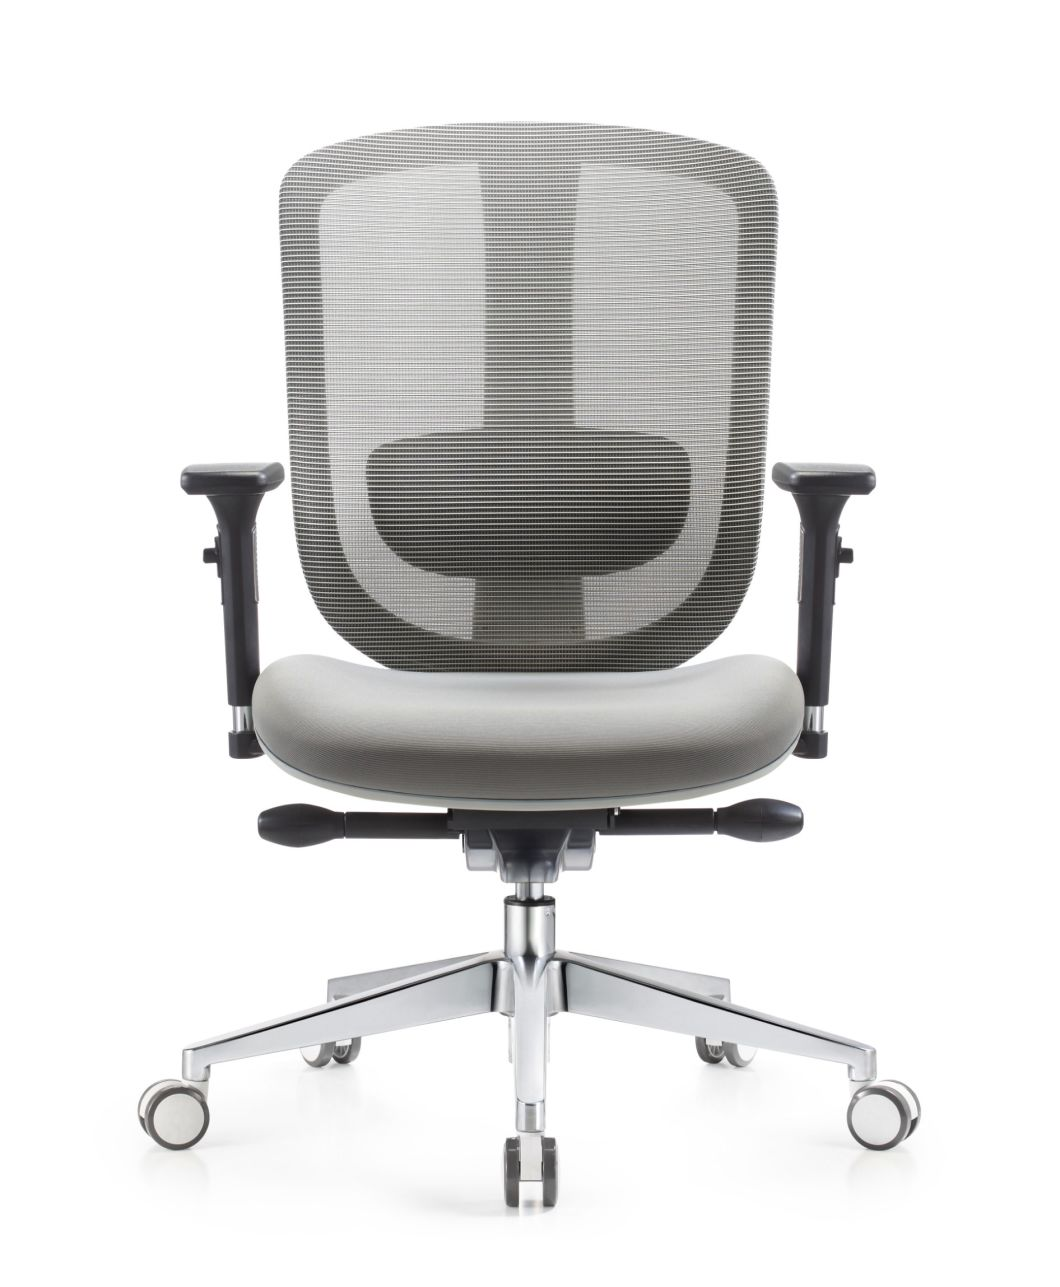 China Office Furniture Ergonomic Mesh